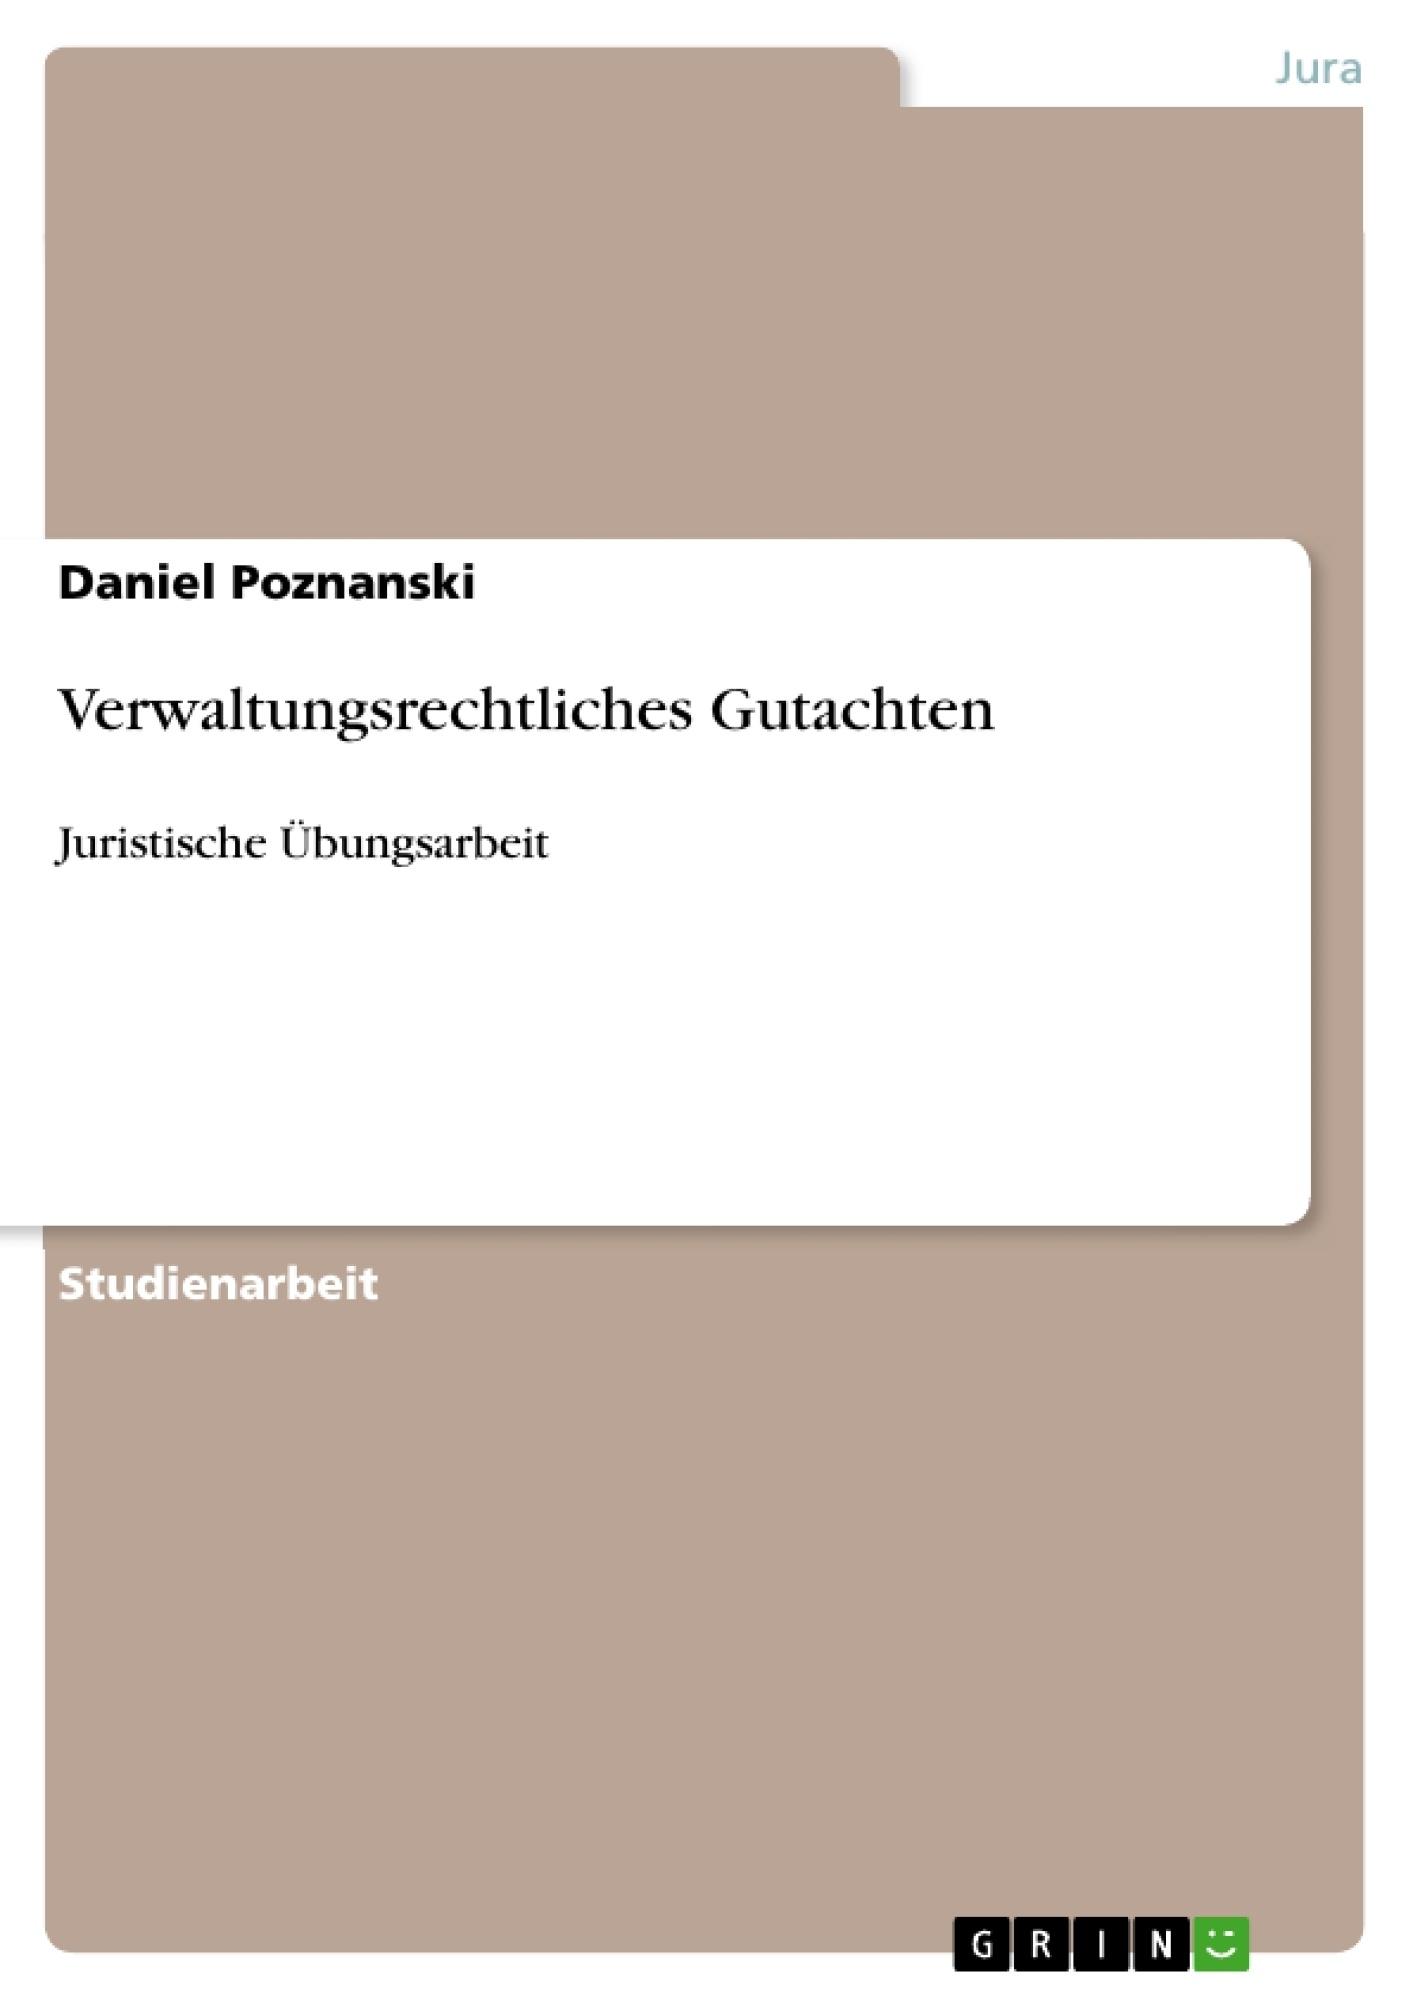 Titel: Verwaltungsrechtliches Gutachten